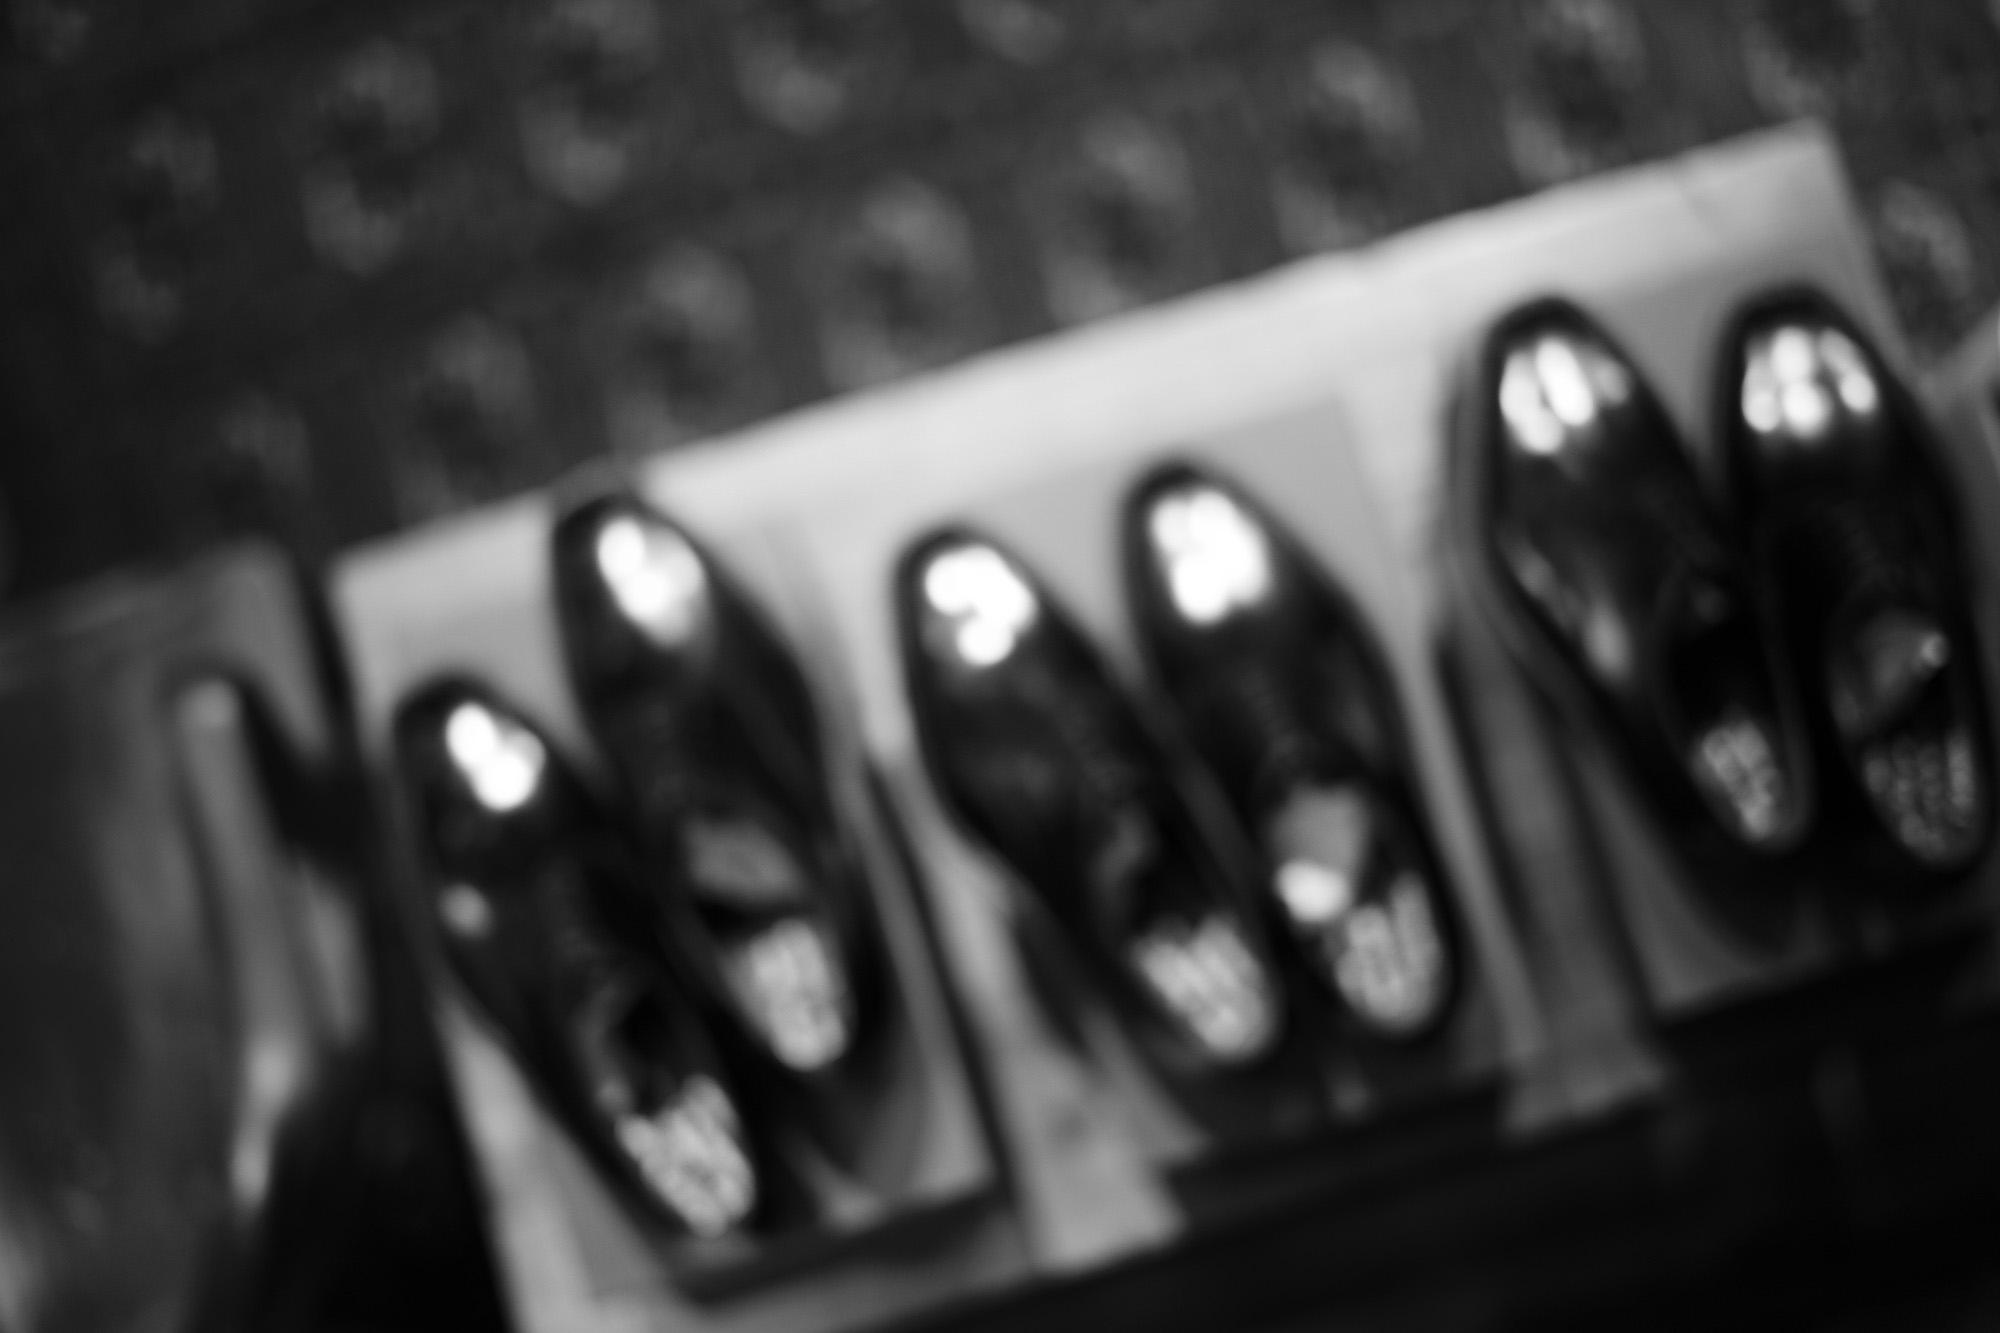 2017.7/31-8/06  ///【LEICA M10 + SUMMILUX-M F1.4/50mm ASPH】作例 ブログ ライカM10 写真 leicam10 ライカ leica 愛知 名古屋 ズミルックス summilux #macbookair starbucks lardini sartoria ラルディーニ サルトリア patekphilippe 神藤さん enzobonafe eb08 エンツォボナフェ ラマレザー ローファー rangerover biography レンジローバー ブラックパック ヒルトン名古屋 ヴェラール velar rangeroversport hiltonnagoya rangerovervogueloireblue レンジローバーヴォーグ ロワールブルー ベージュシート ガブリエレパジーニ ソーシーズ 名古屋テレビ塔 enzobonafe 3720 cordovannero 東区泉一丁目 zodiac 桜通り